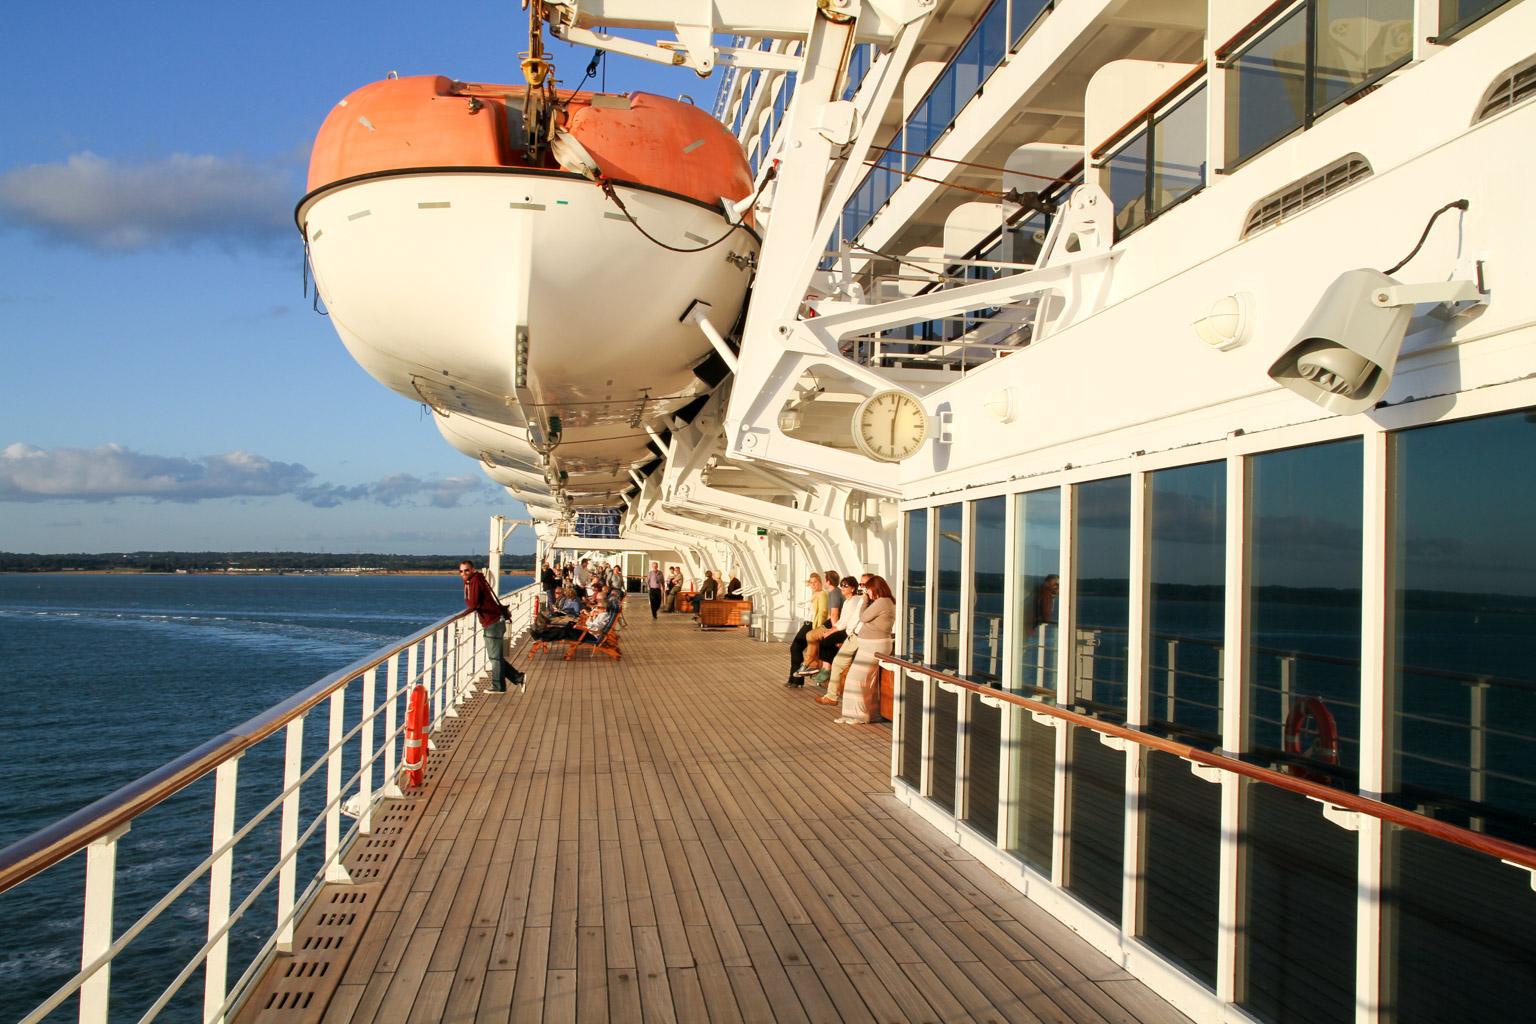 Queen Mary 2 cruise • October, 2014 • Douglas Stebila